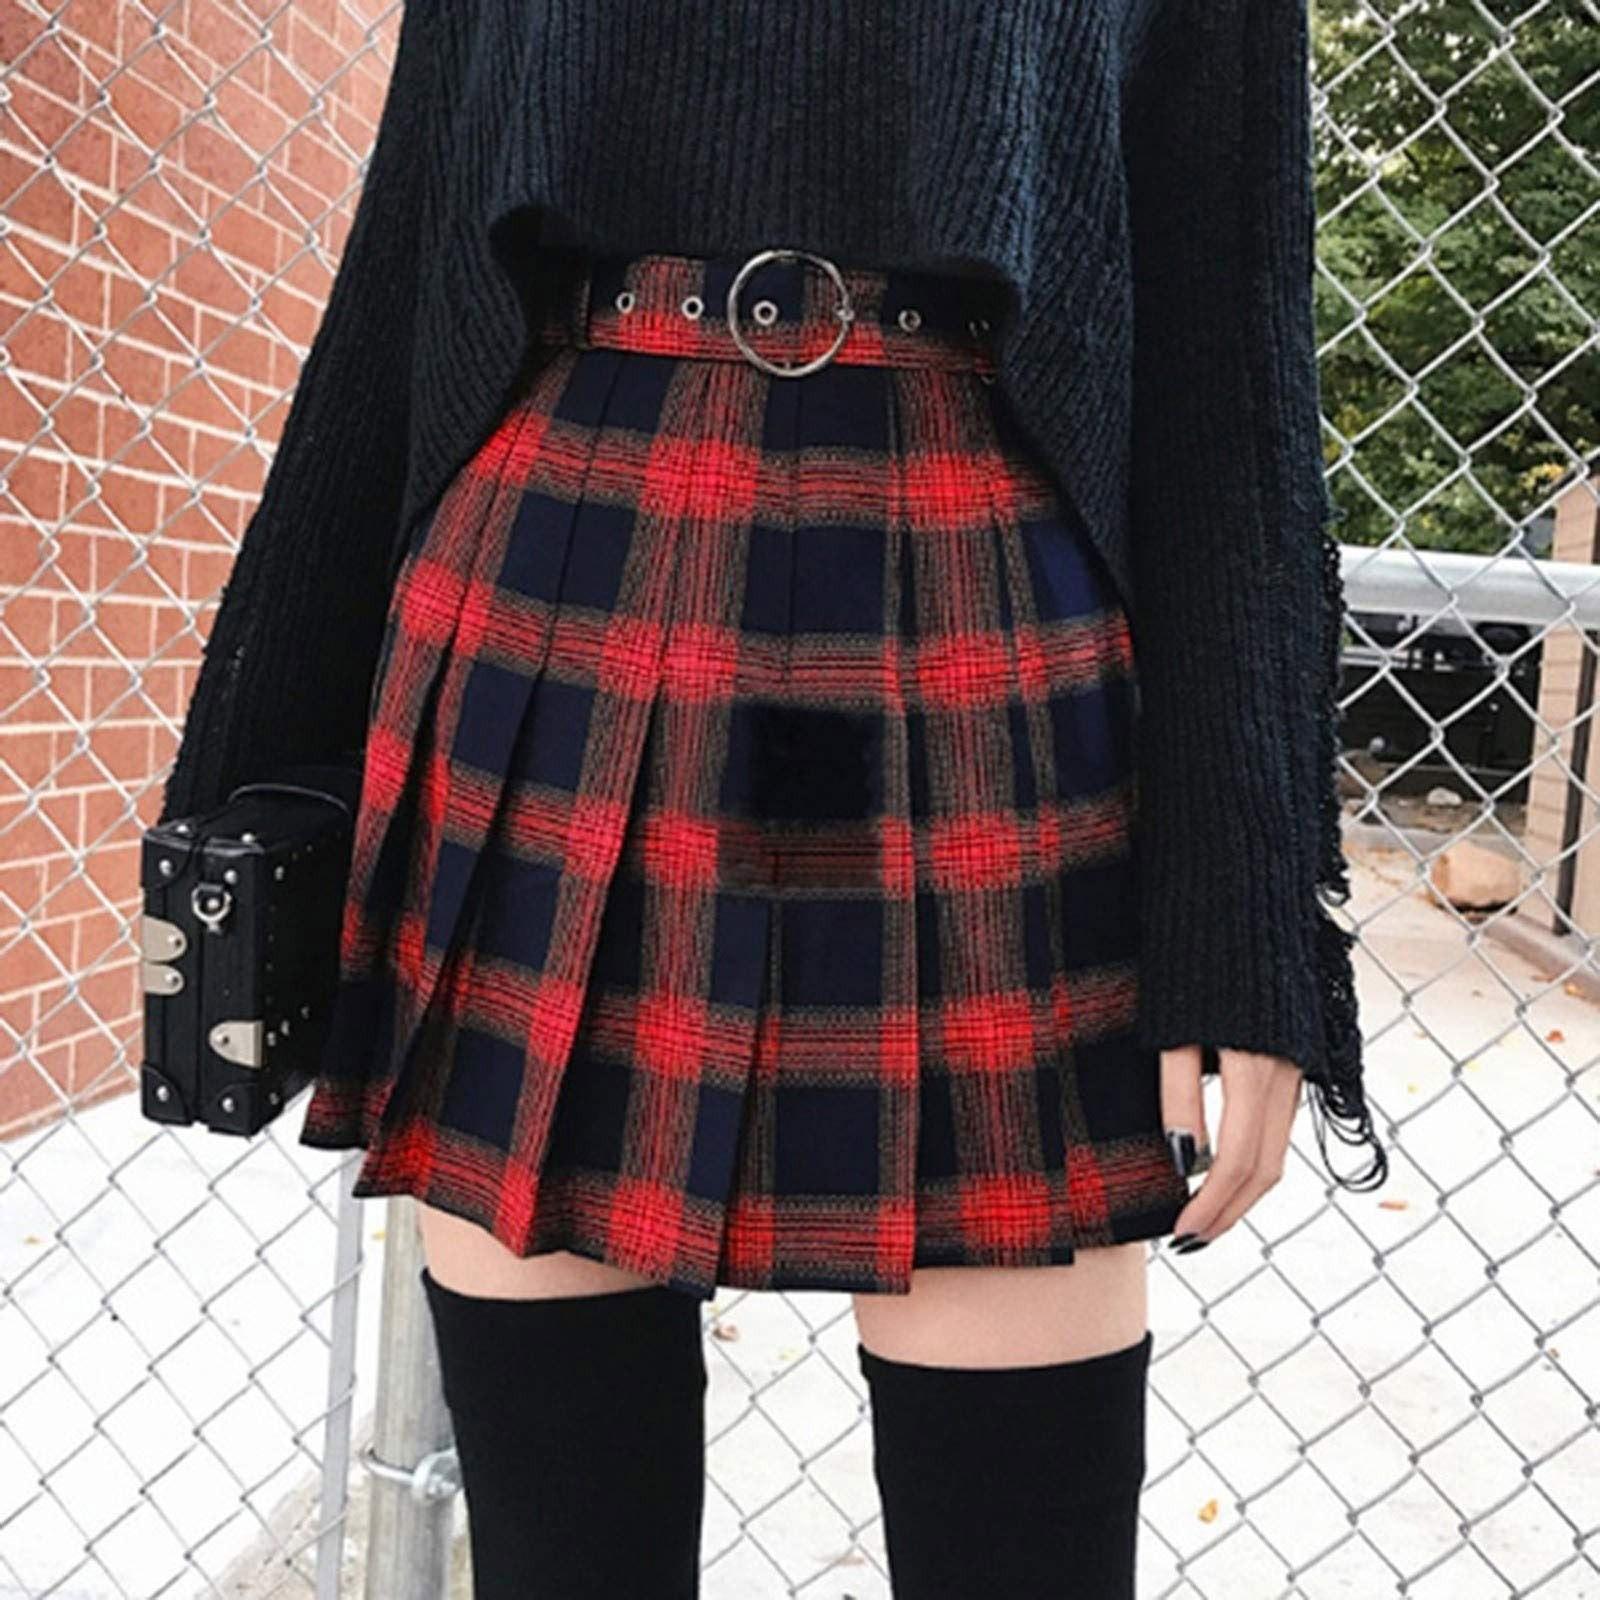 Женская мини-юбка с завышенной талией, расклешенная шерстяная мини-юбка трапециевидной формы в клетку, юбка на шнуровке, новинка 2021